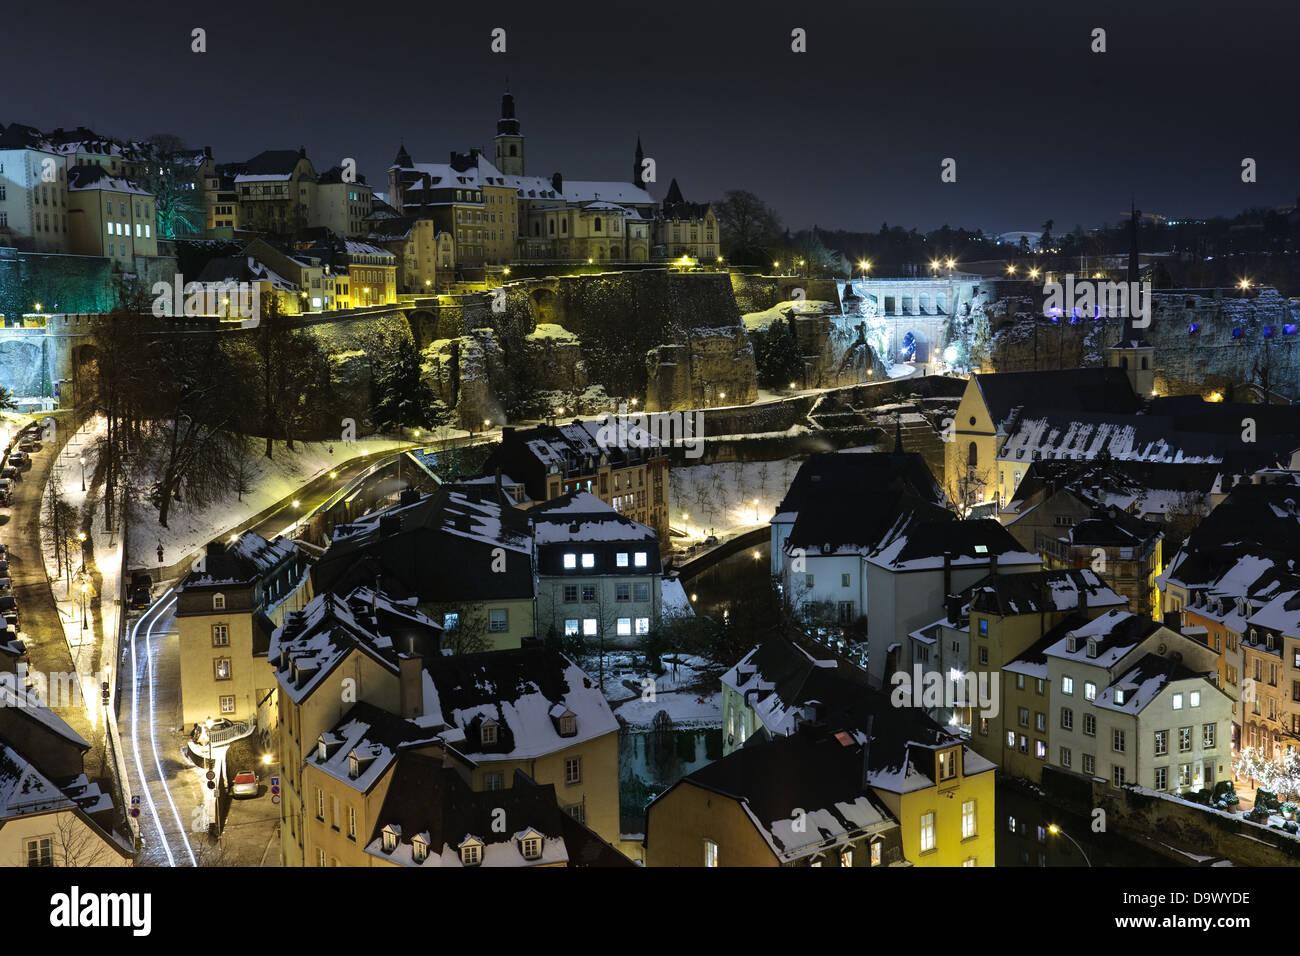 Luxemburger Altstadt Grund nachts unter Schnee Stockbild